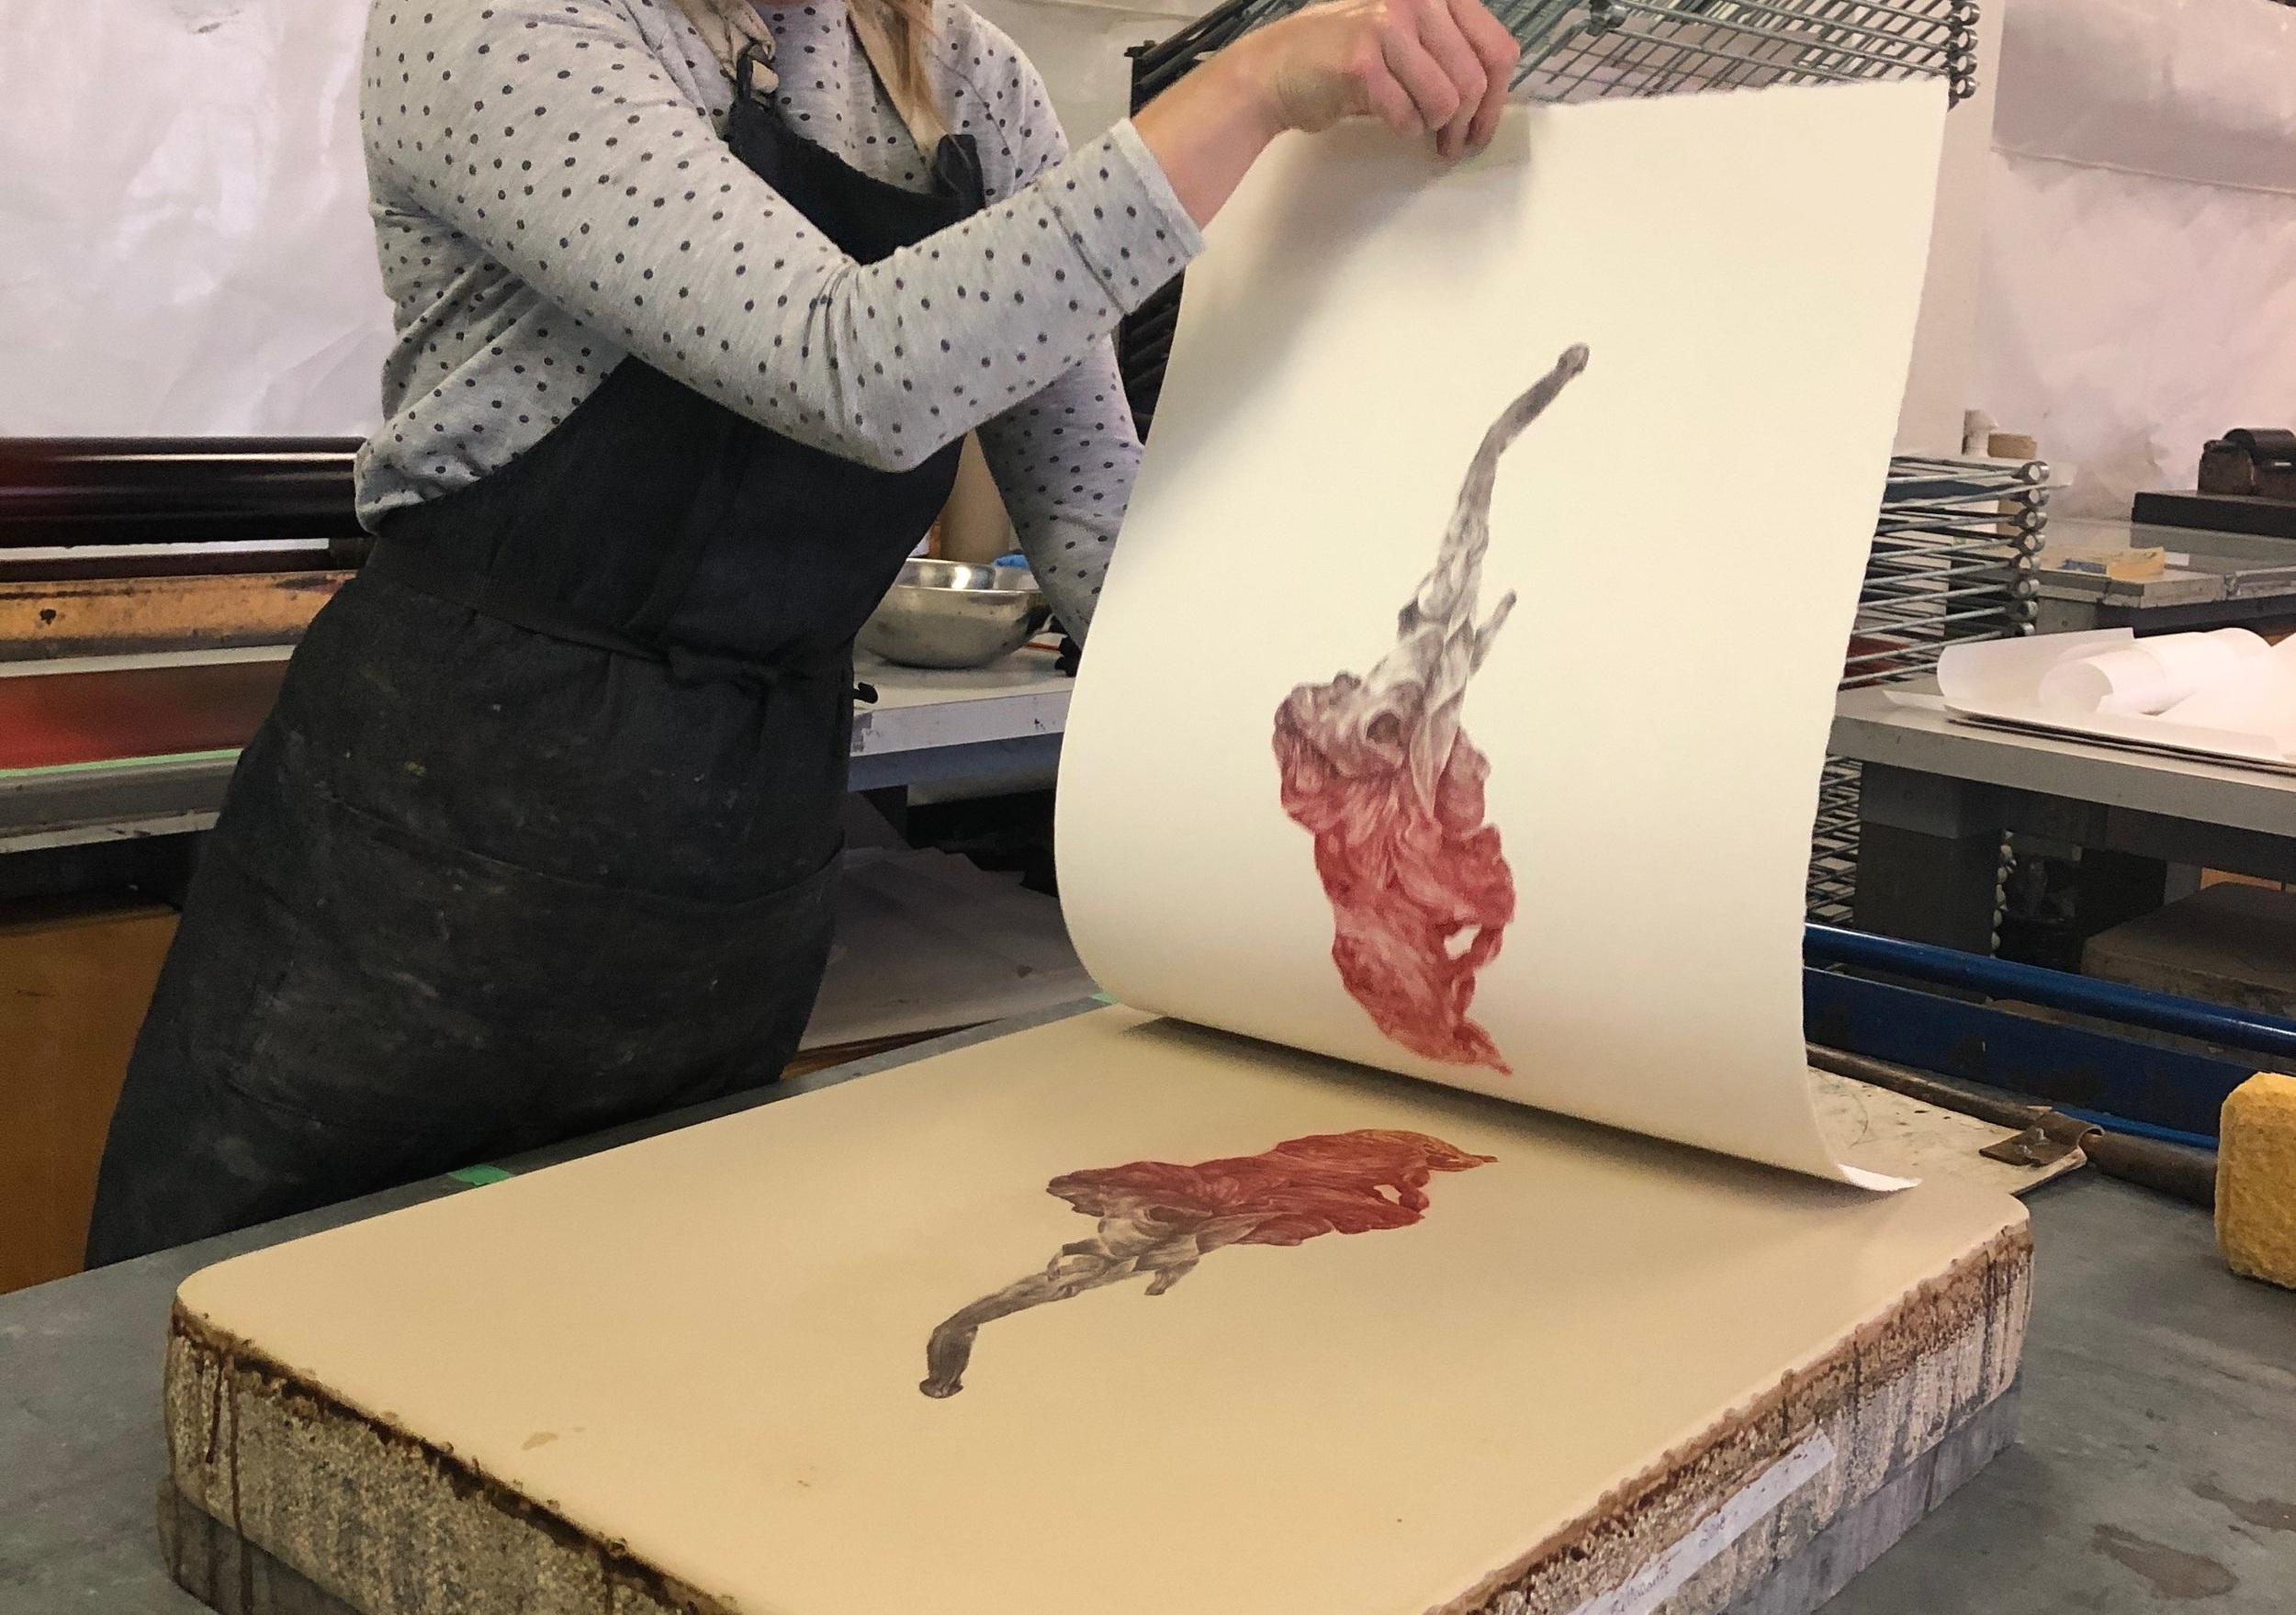 """Initiation à la """"Kitchen lithographie"""" - Samedi le 2 mars et dimanche le 3 mars 2019 de 13h à 16h avec l'artiste Julie BellavanceCet atelier consiste en un rapide essai d'une technique simple reposant sur les bases de la lithographie appelée la « Kitchen Lithographie ». Cette technique permet de produire une matrice et d'en imprimer plusieurs copies avec des produits et matériaux accessibles et sécuritaires. Réserver votre place au 819 758-9510 (places limitées)"""